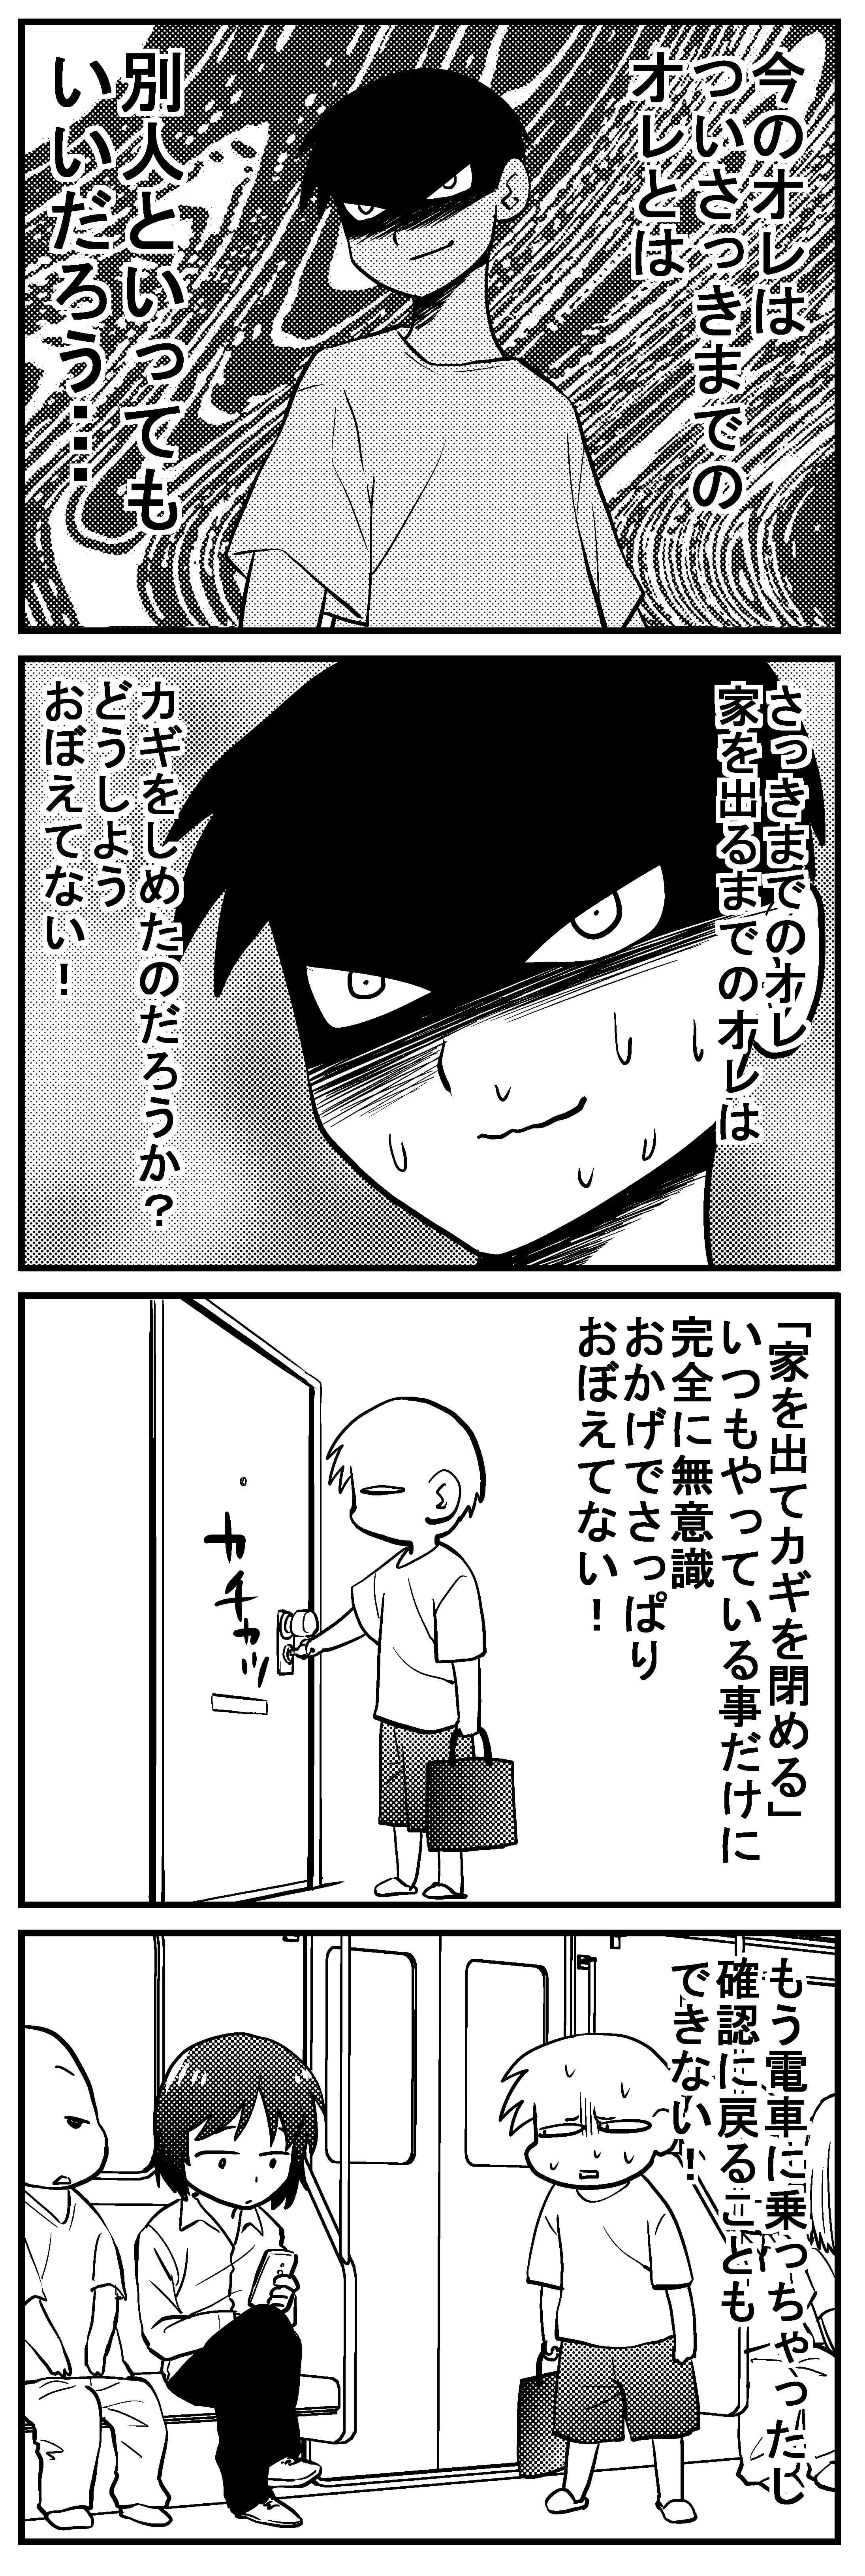 深読みくん19 1